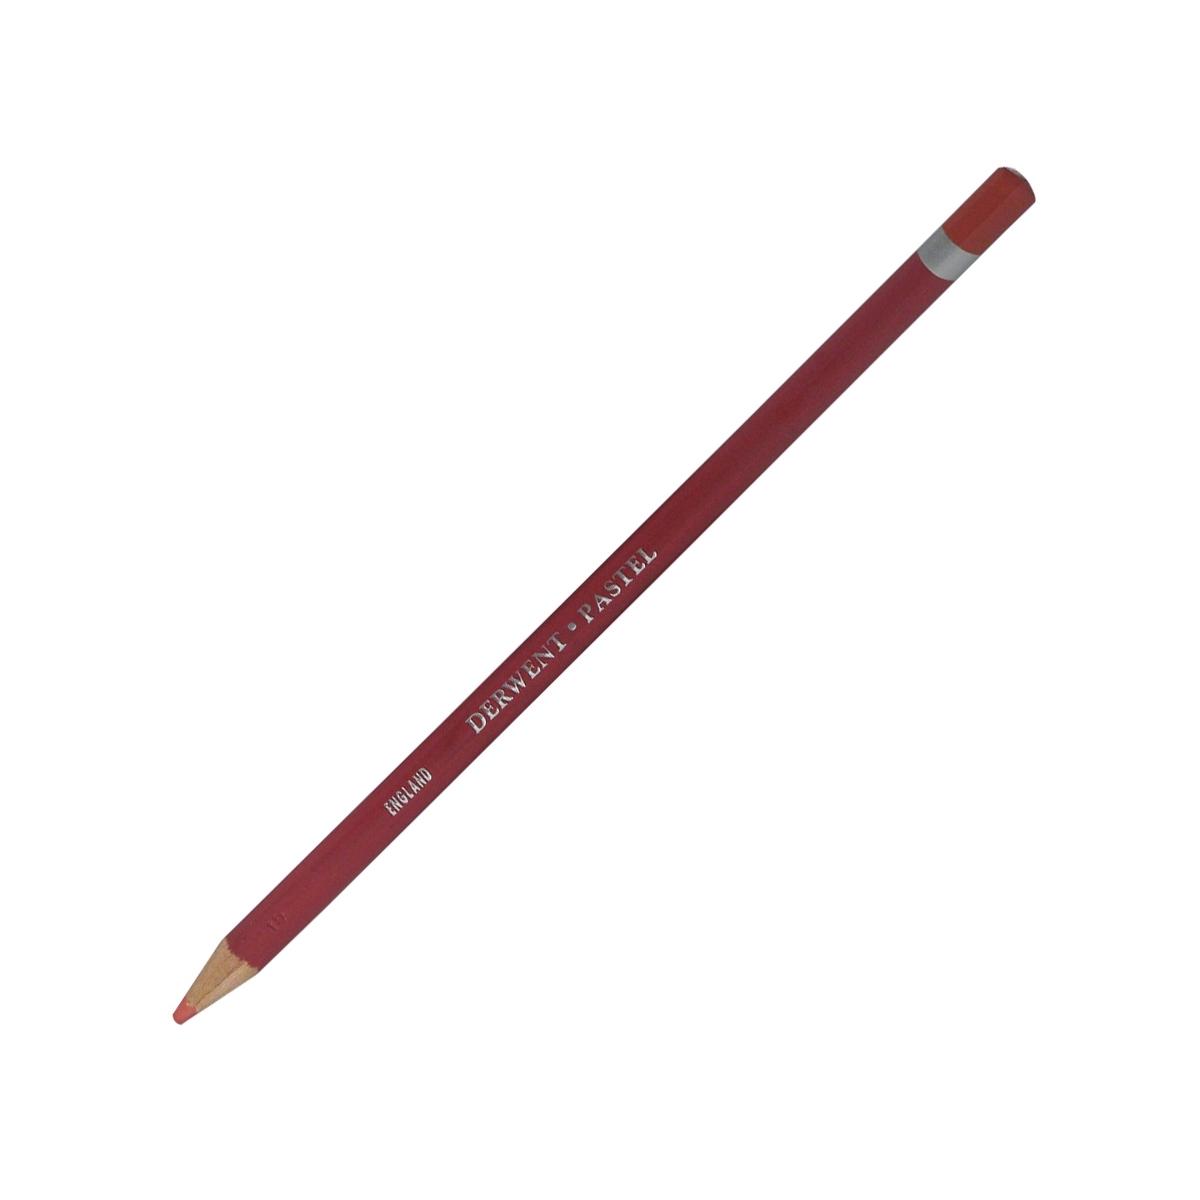 Estojos de Metal com 36 Lapis Pastel Pencils - Papelaria Botafogo